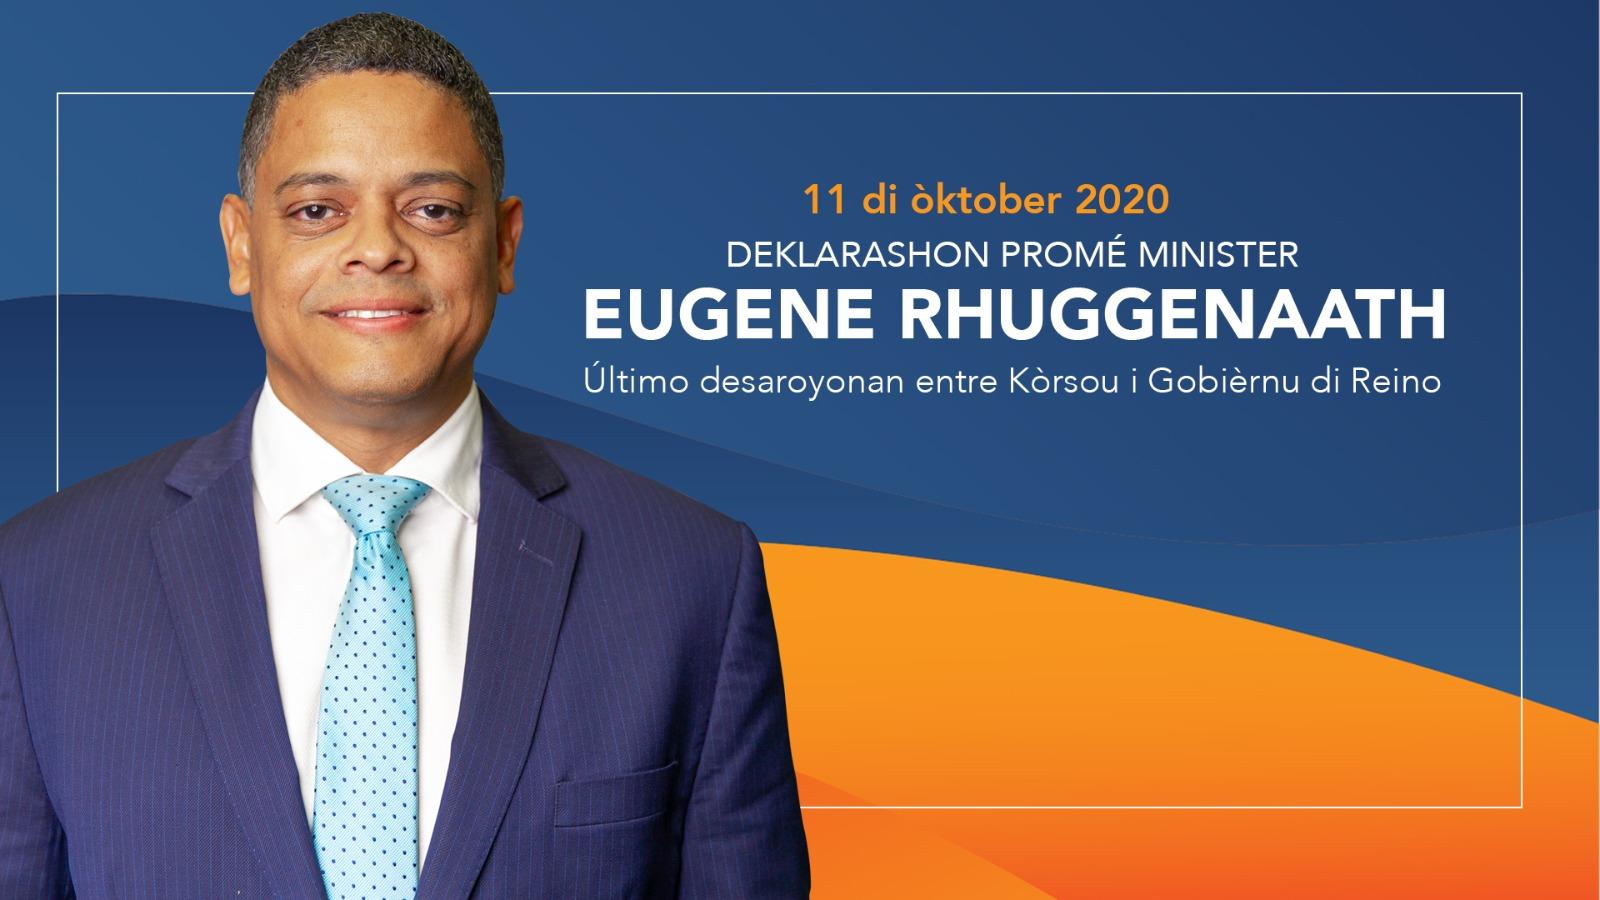 PB | Curaçao gaat een nieuwe etappe in